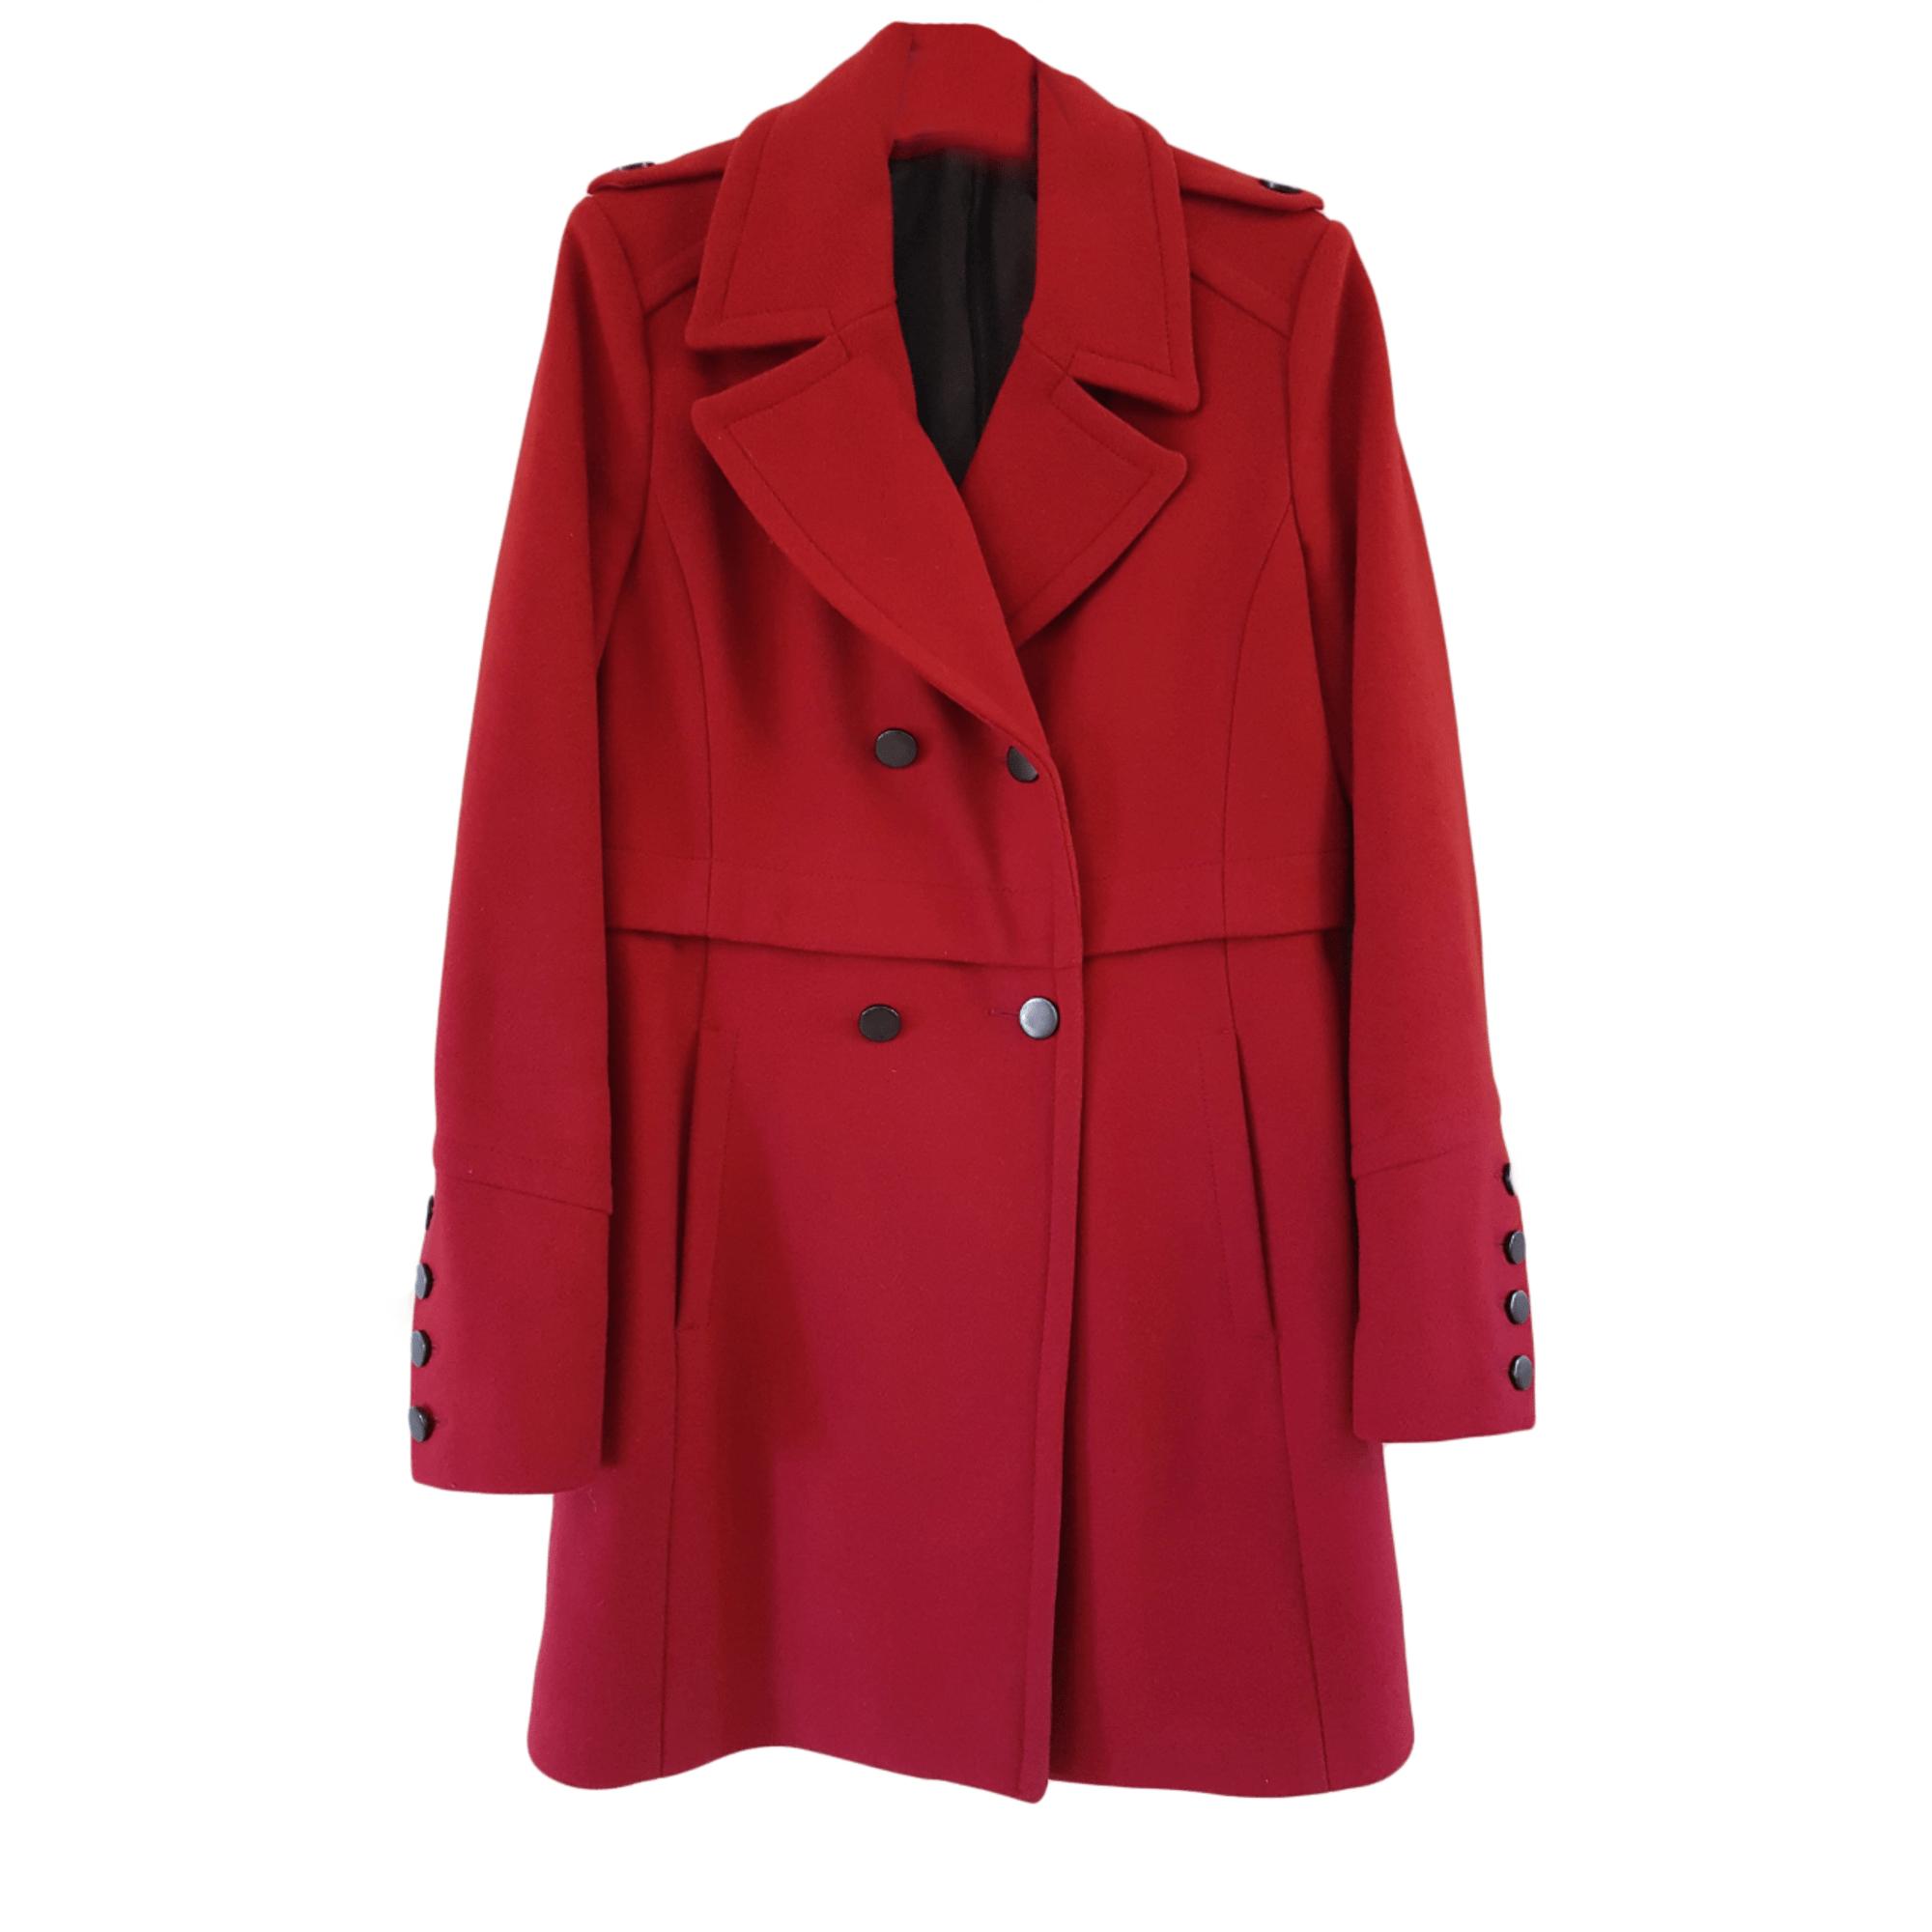 Manteau comptoir des cotonniers 40 l t3 rouge vendu par - Comptoir des cotonniers ch ...